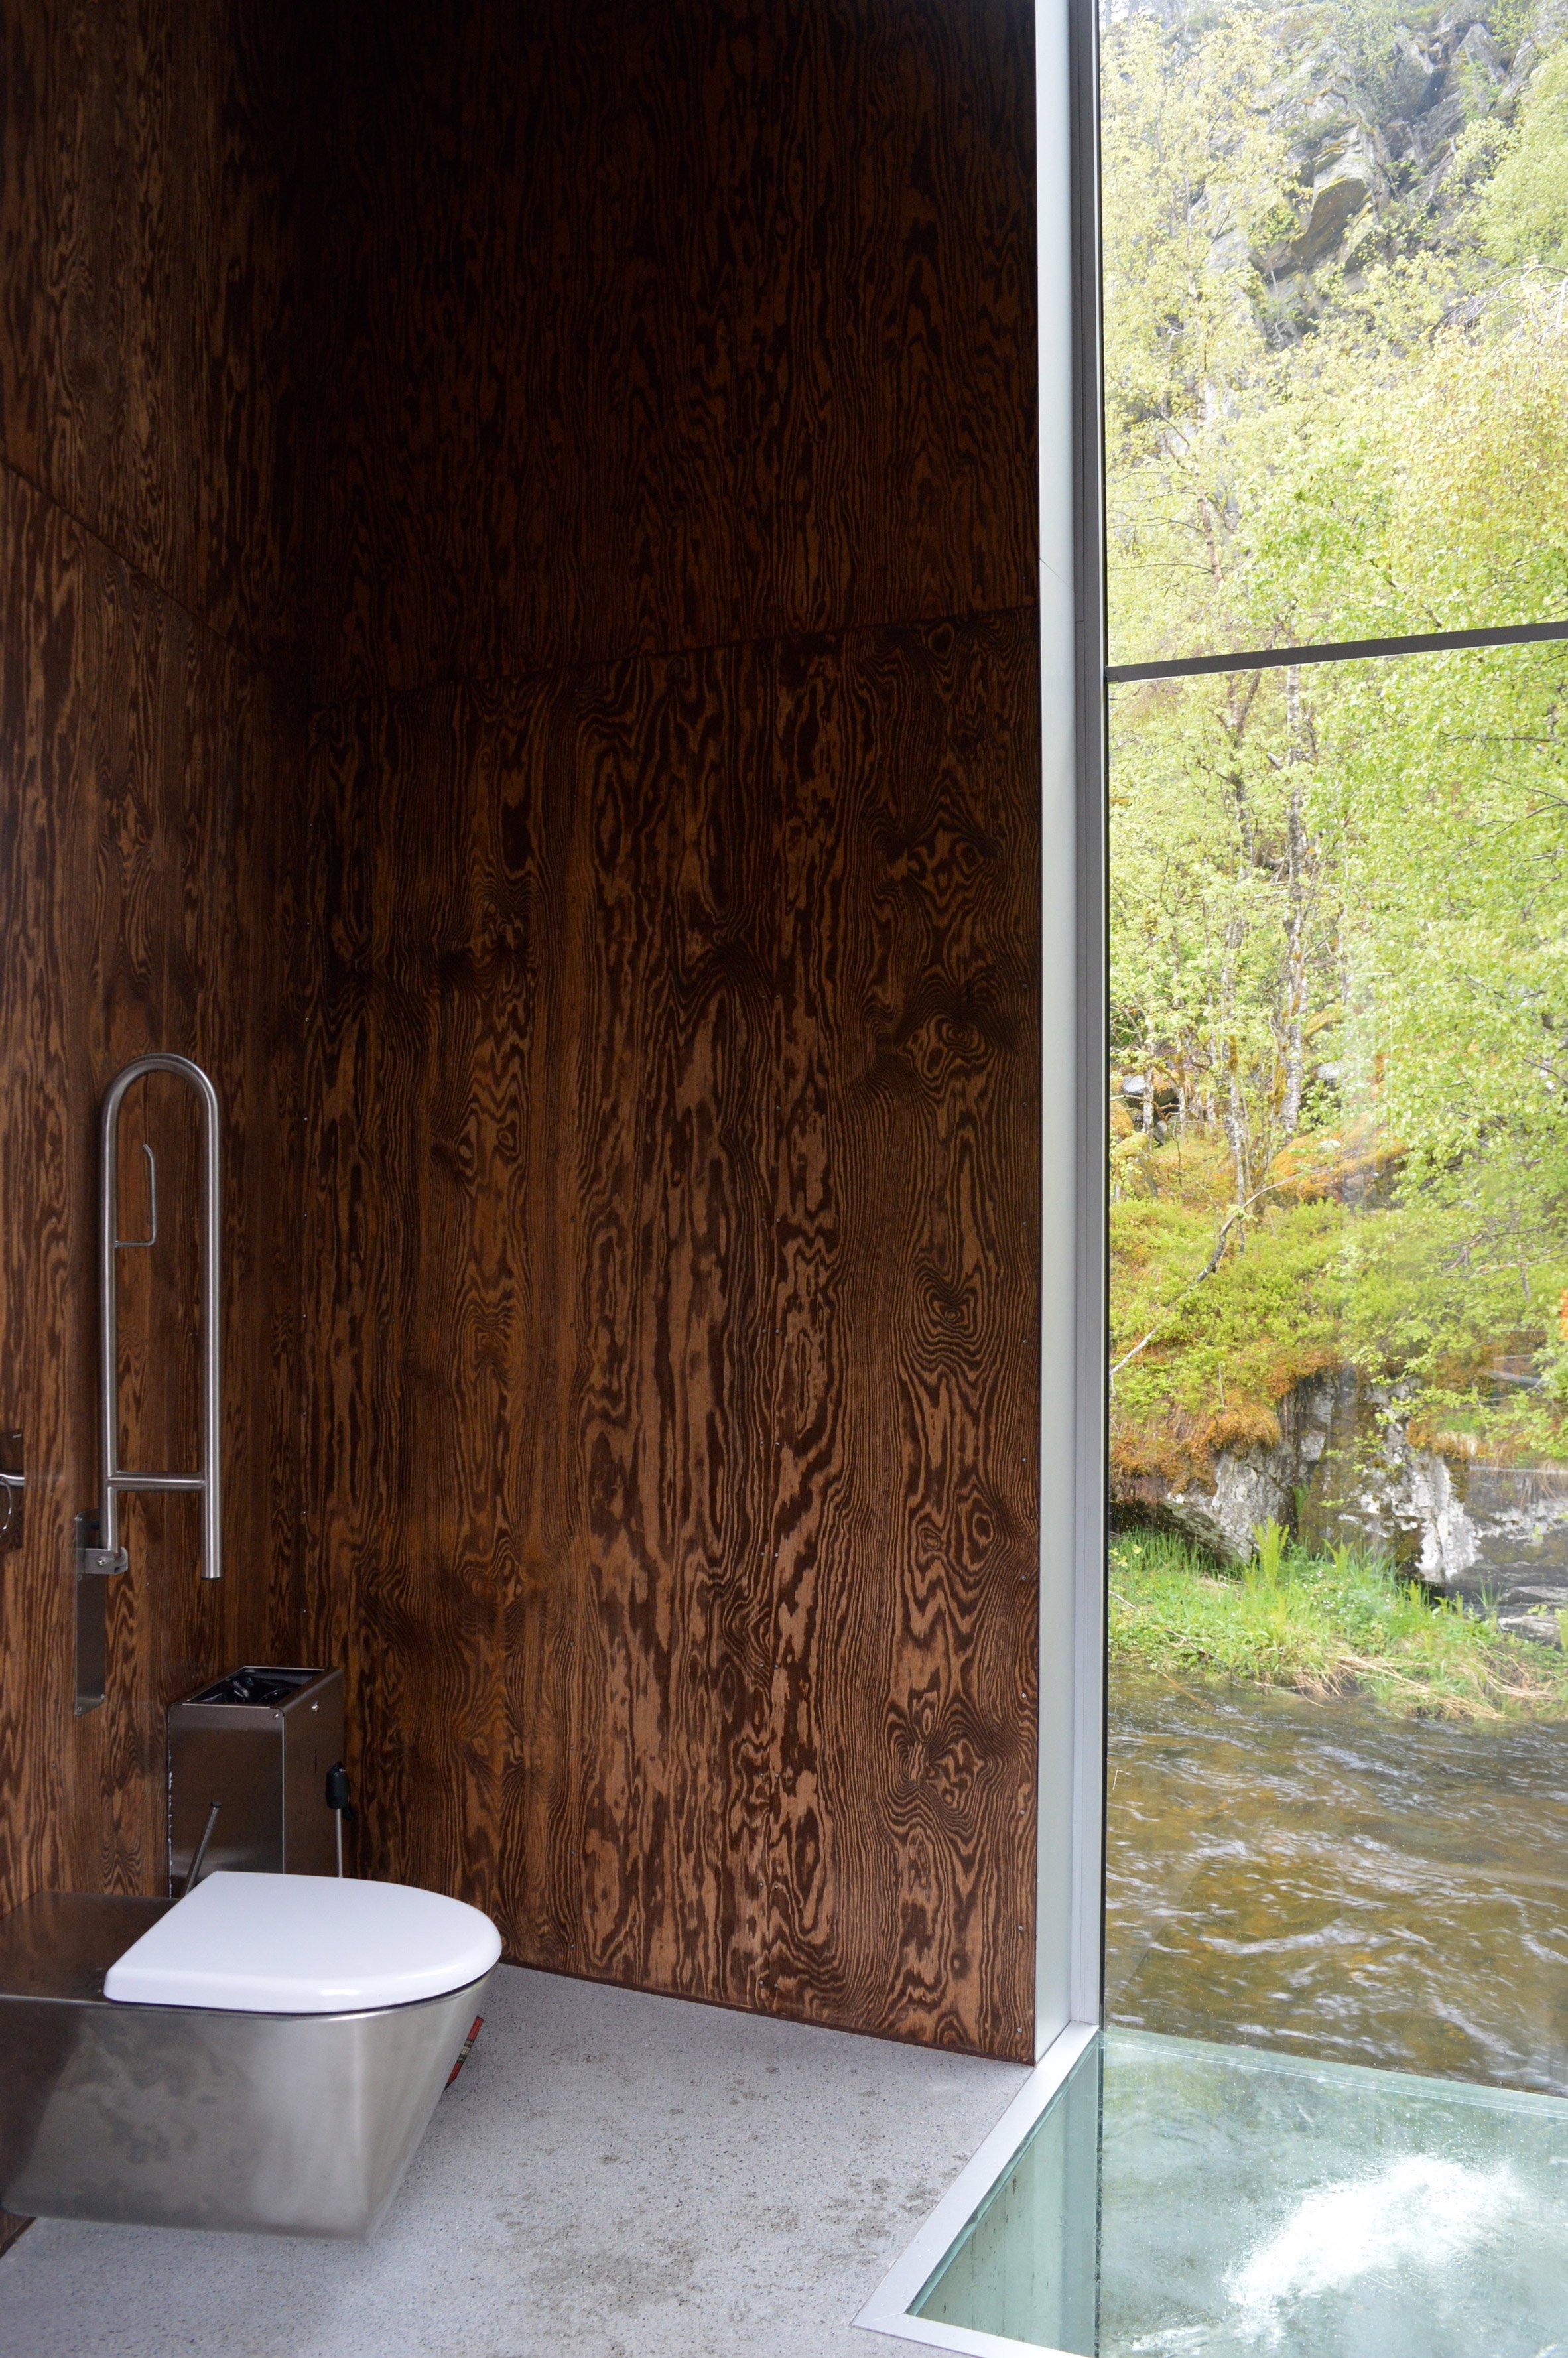 Il bagno pi bello del mondo in norvegia - La casa del bagno ...